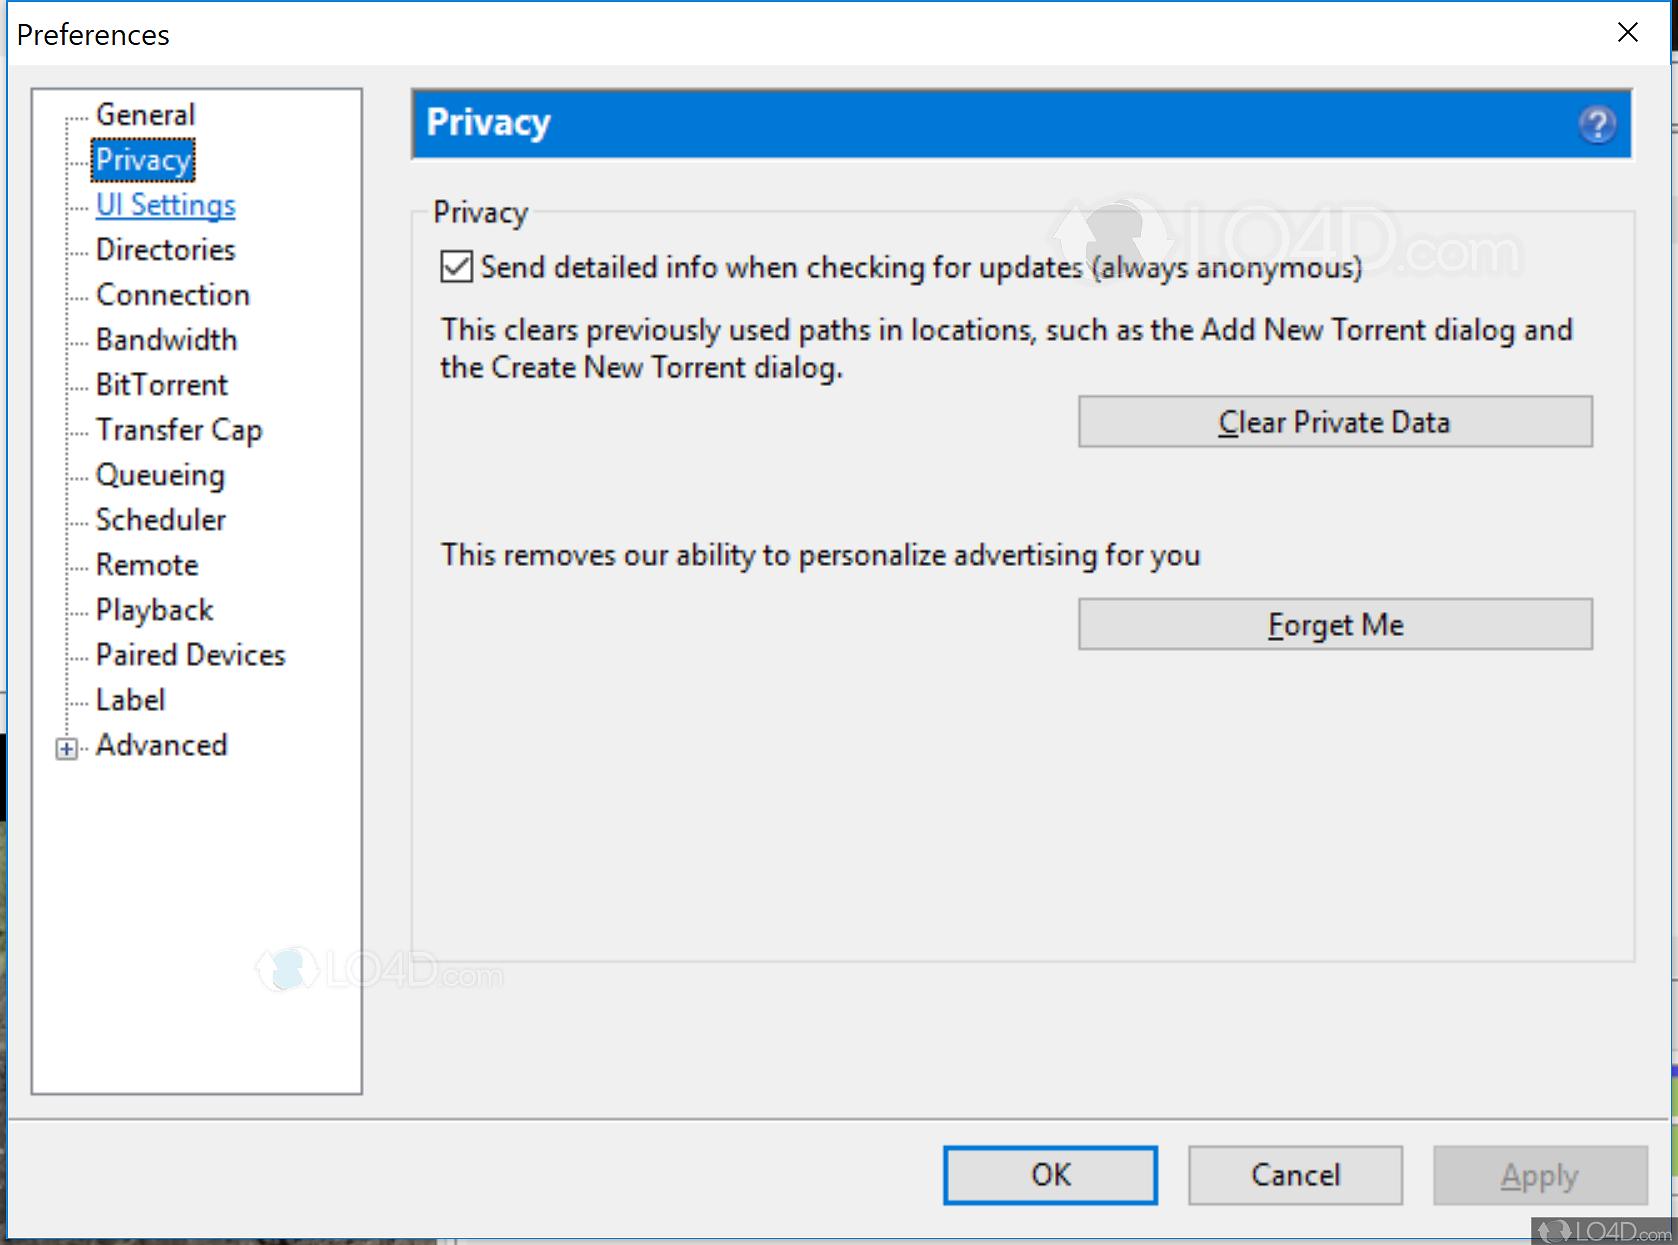 utorrent vista 64 bit download